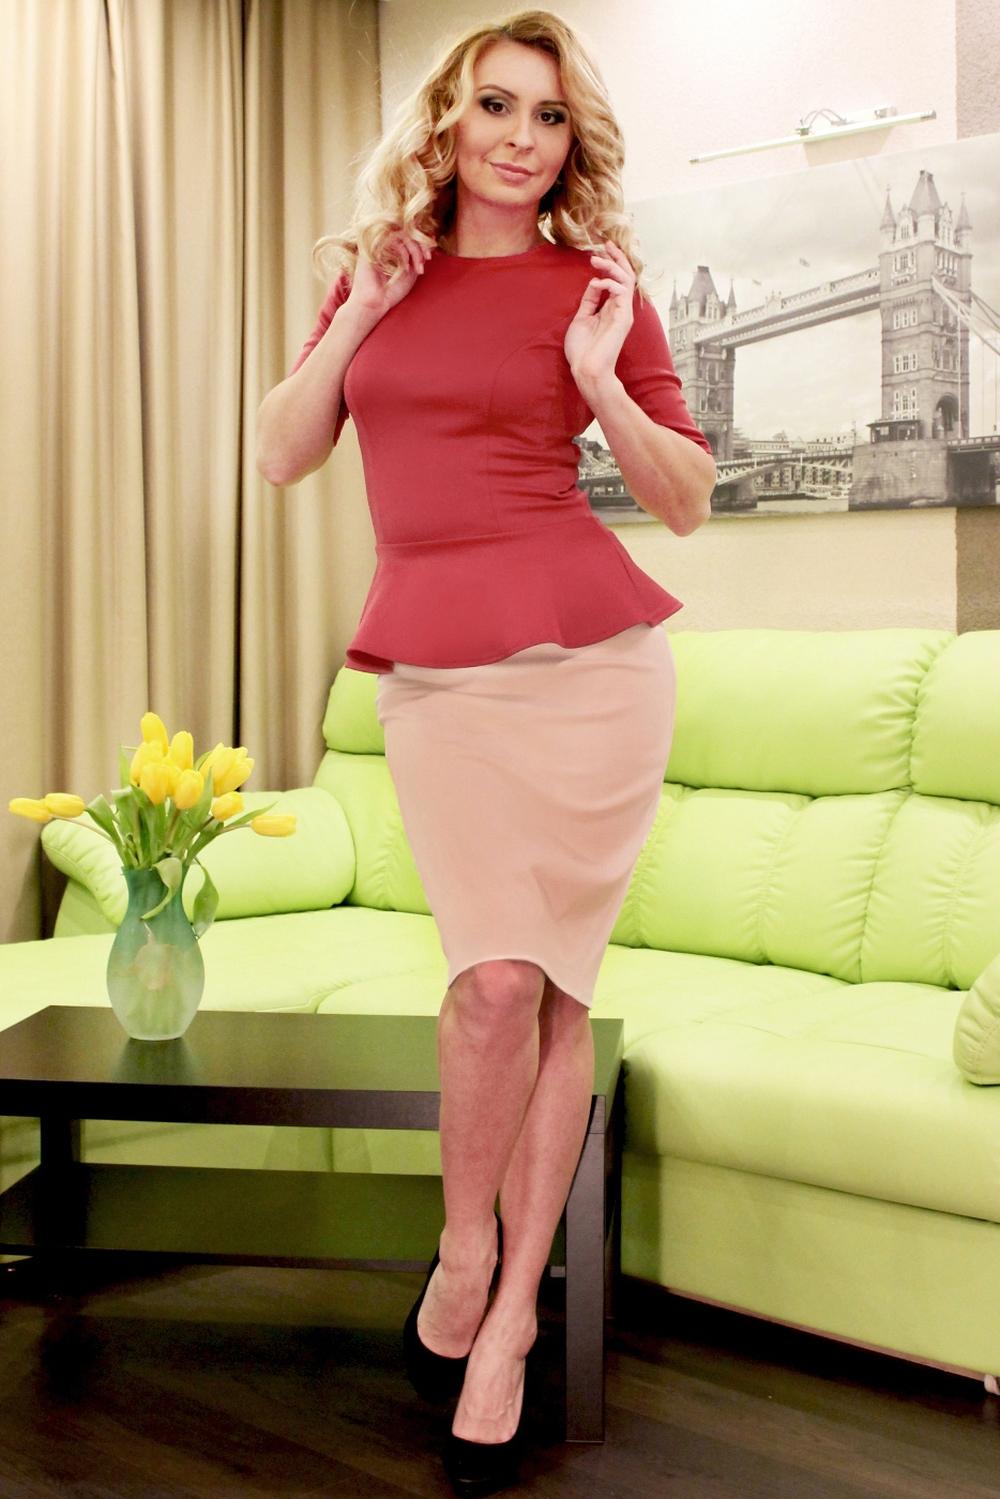 ЮбкаЮбки<br>Элегантная юбка-карандаш на каждый день из плотного джерси, пояс с резинкой. Модель выглядит эффектно и позволяет создавать интересные образы, в зависимости от настроения, а также вытягивает силуэт и стройнит её обладательницу.  Длина юбки от 61 см до 64 см, в зависимости от размера изделия.  Цвет: бежевый  Рост девушки-фотомодели 175 см<br><br>По длине: До колена<br>По материалу: Трикотаж<br>По рисунку: Однотонные<br>По силуэту: Обтягивающие<br>По стилю: Классический стиль,Офисный стиль,Повседневный стиль<br>По форме: Юбка-карандаш<br>По сезону: Осень,Весна<br>Размер : 44<br>Материал: Трикотаж<br>Количество в наличии: 1